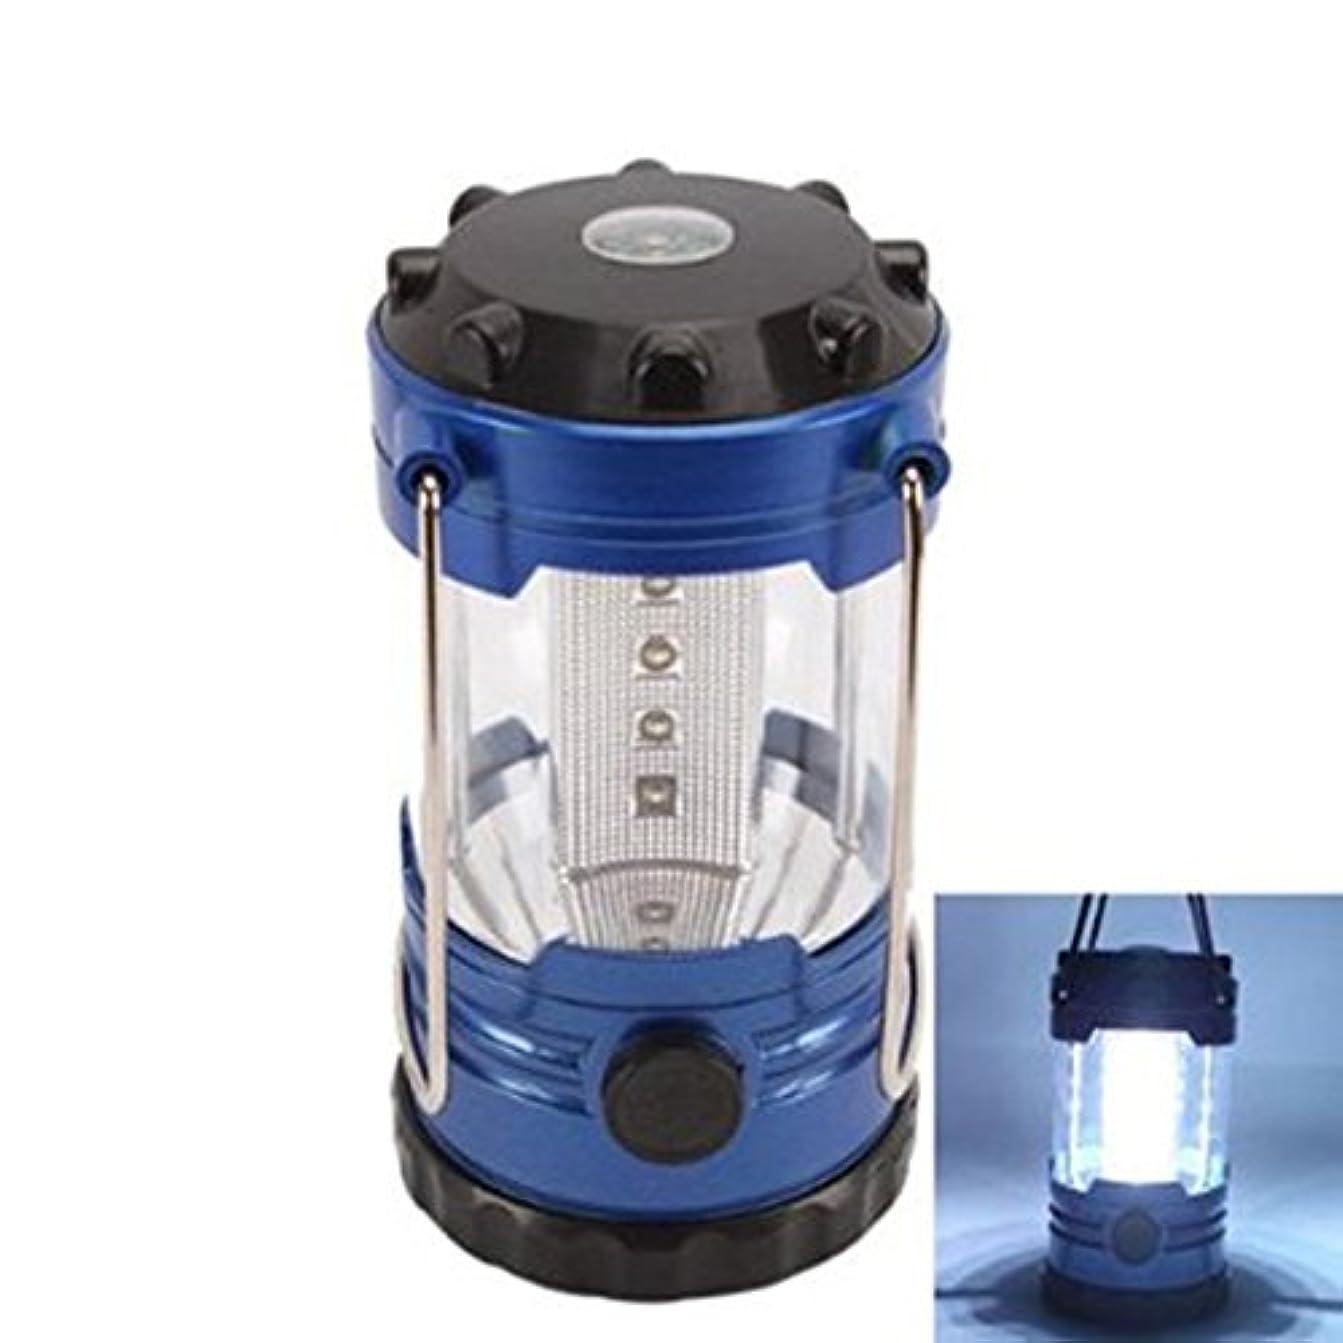 観察不振リーチAFBEST 12LEDポータブルなキャンプランタンライト ランプ コンパス付き